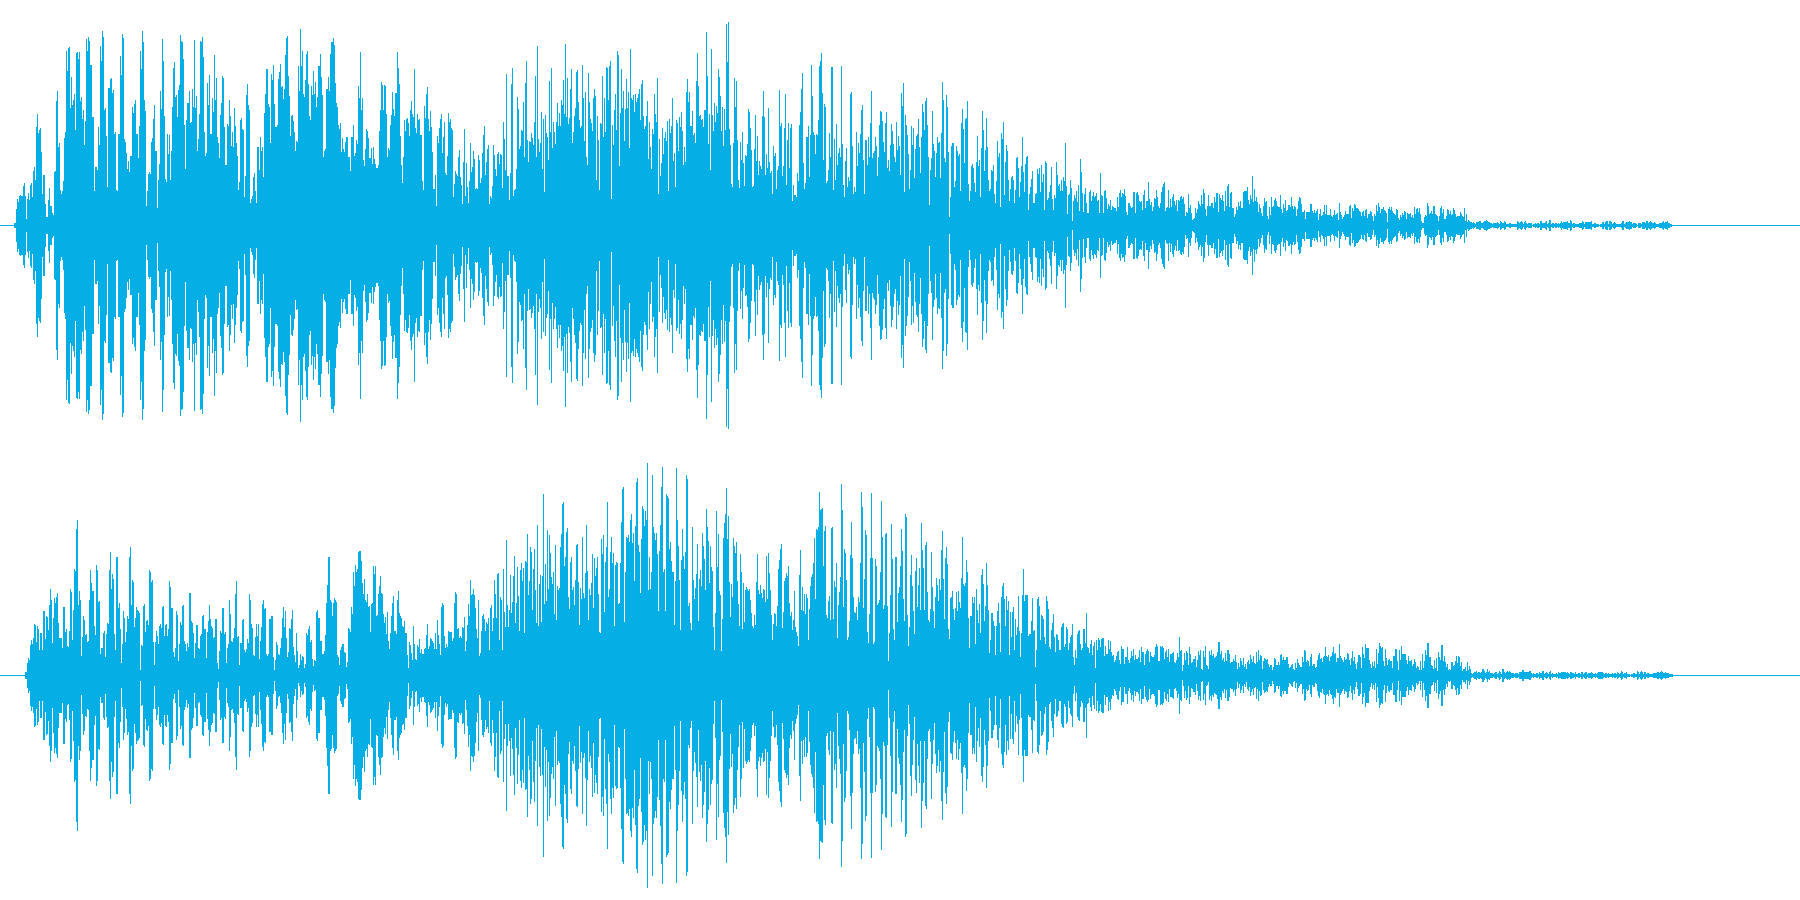 ヒュウーン!(スピード感のある効果音)の再生済みの波形